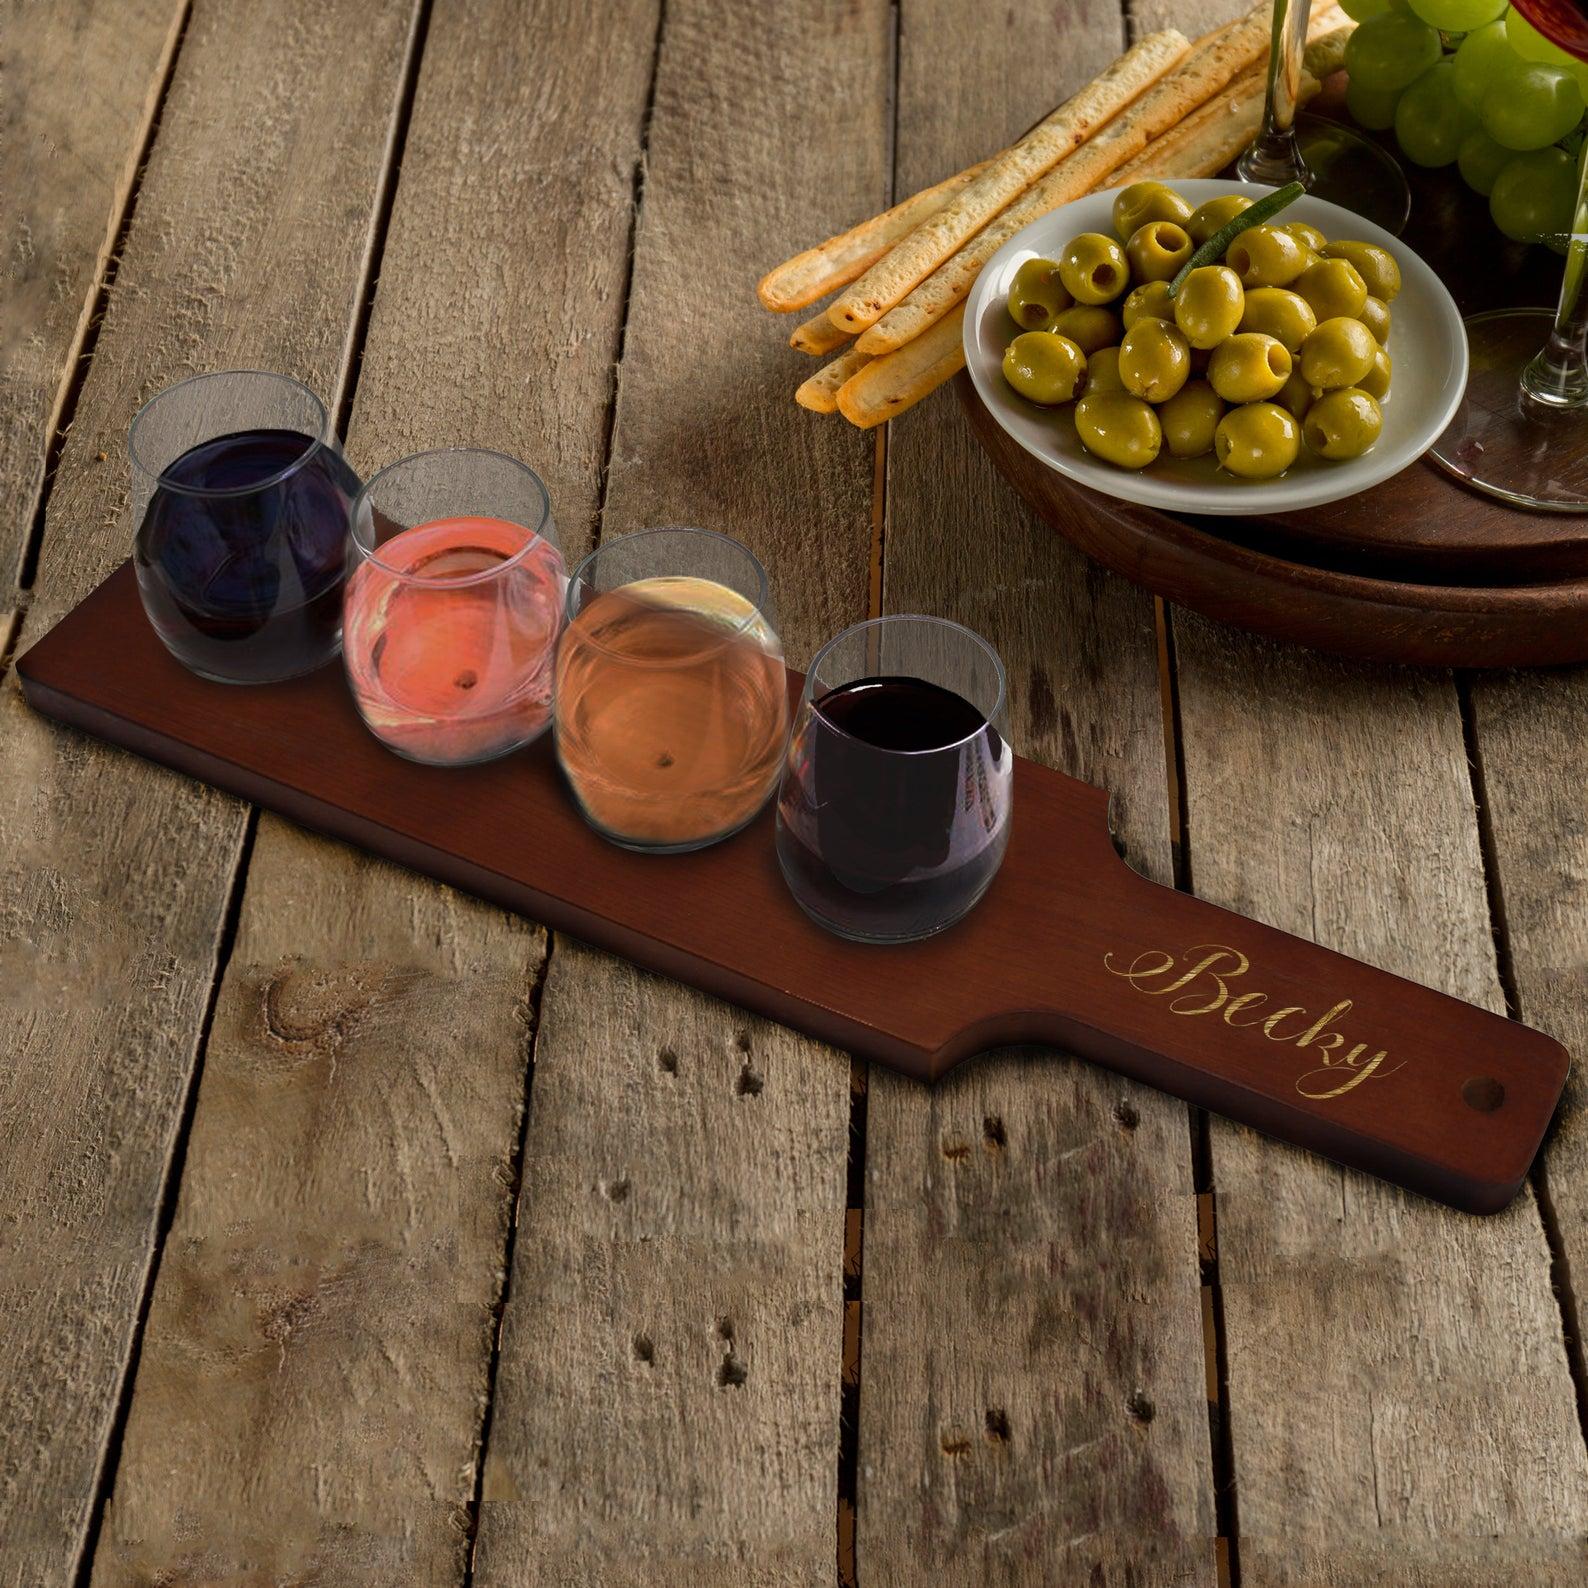 custom-wine-tasting-set